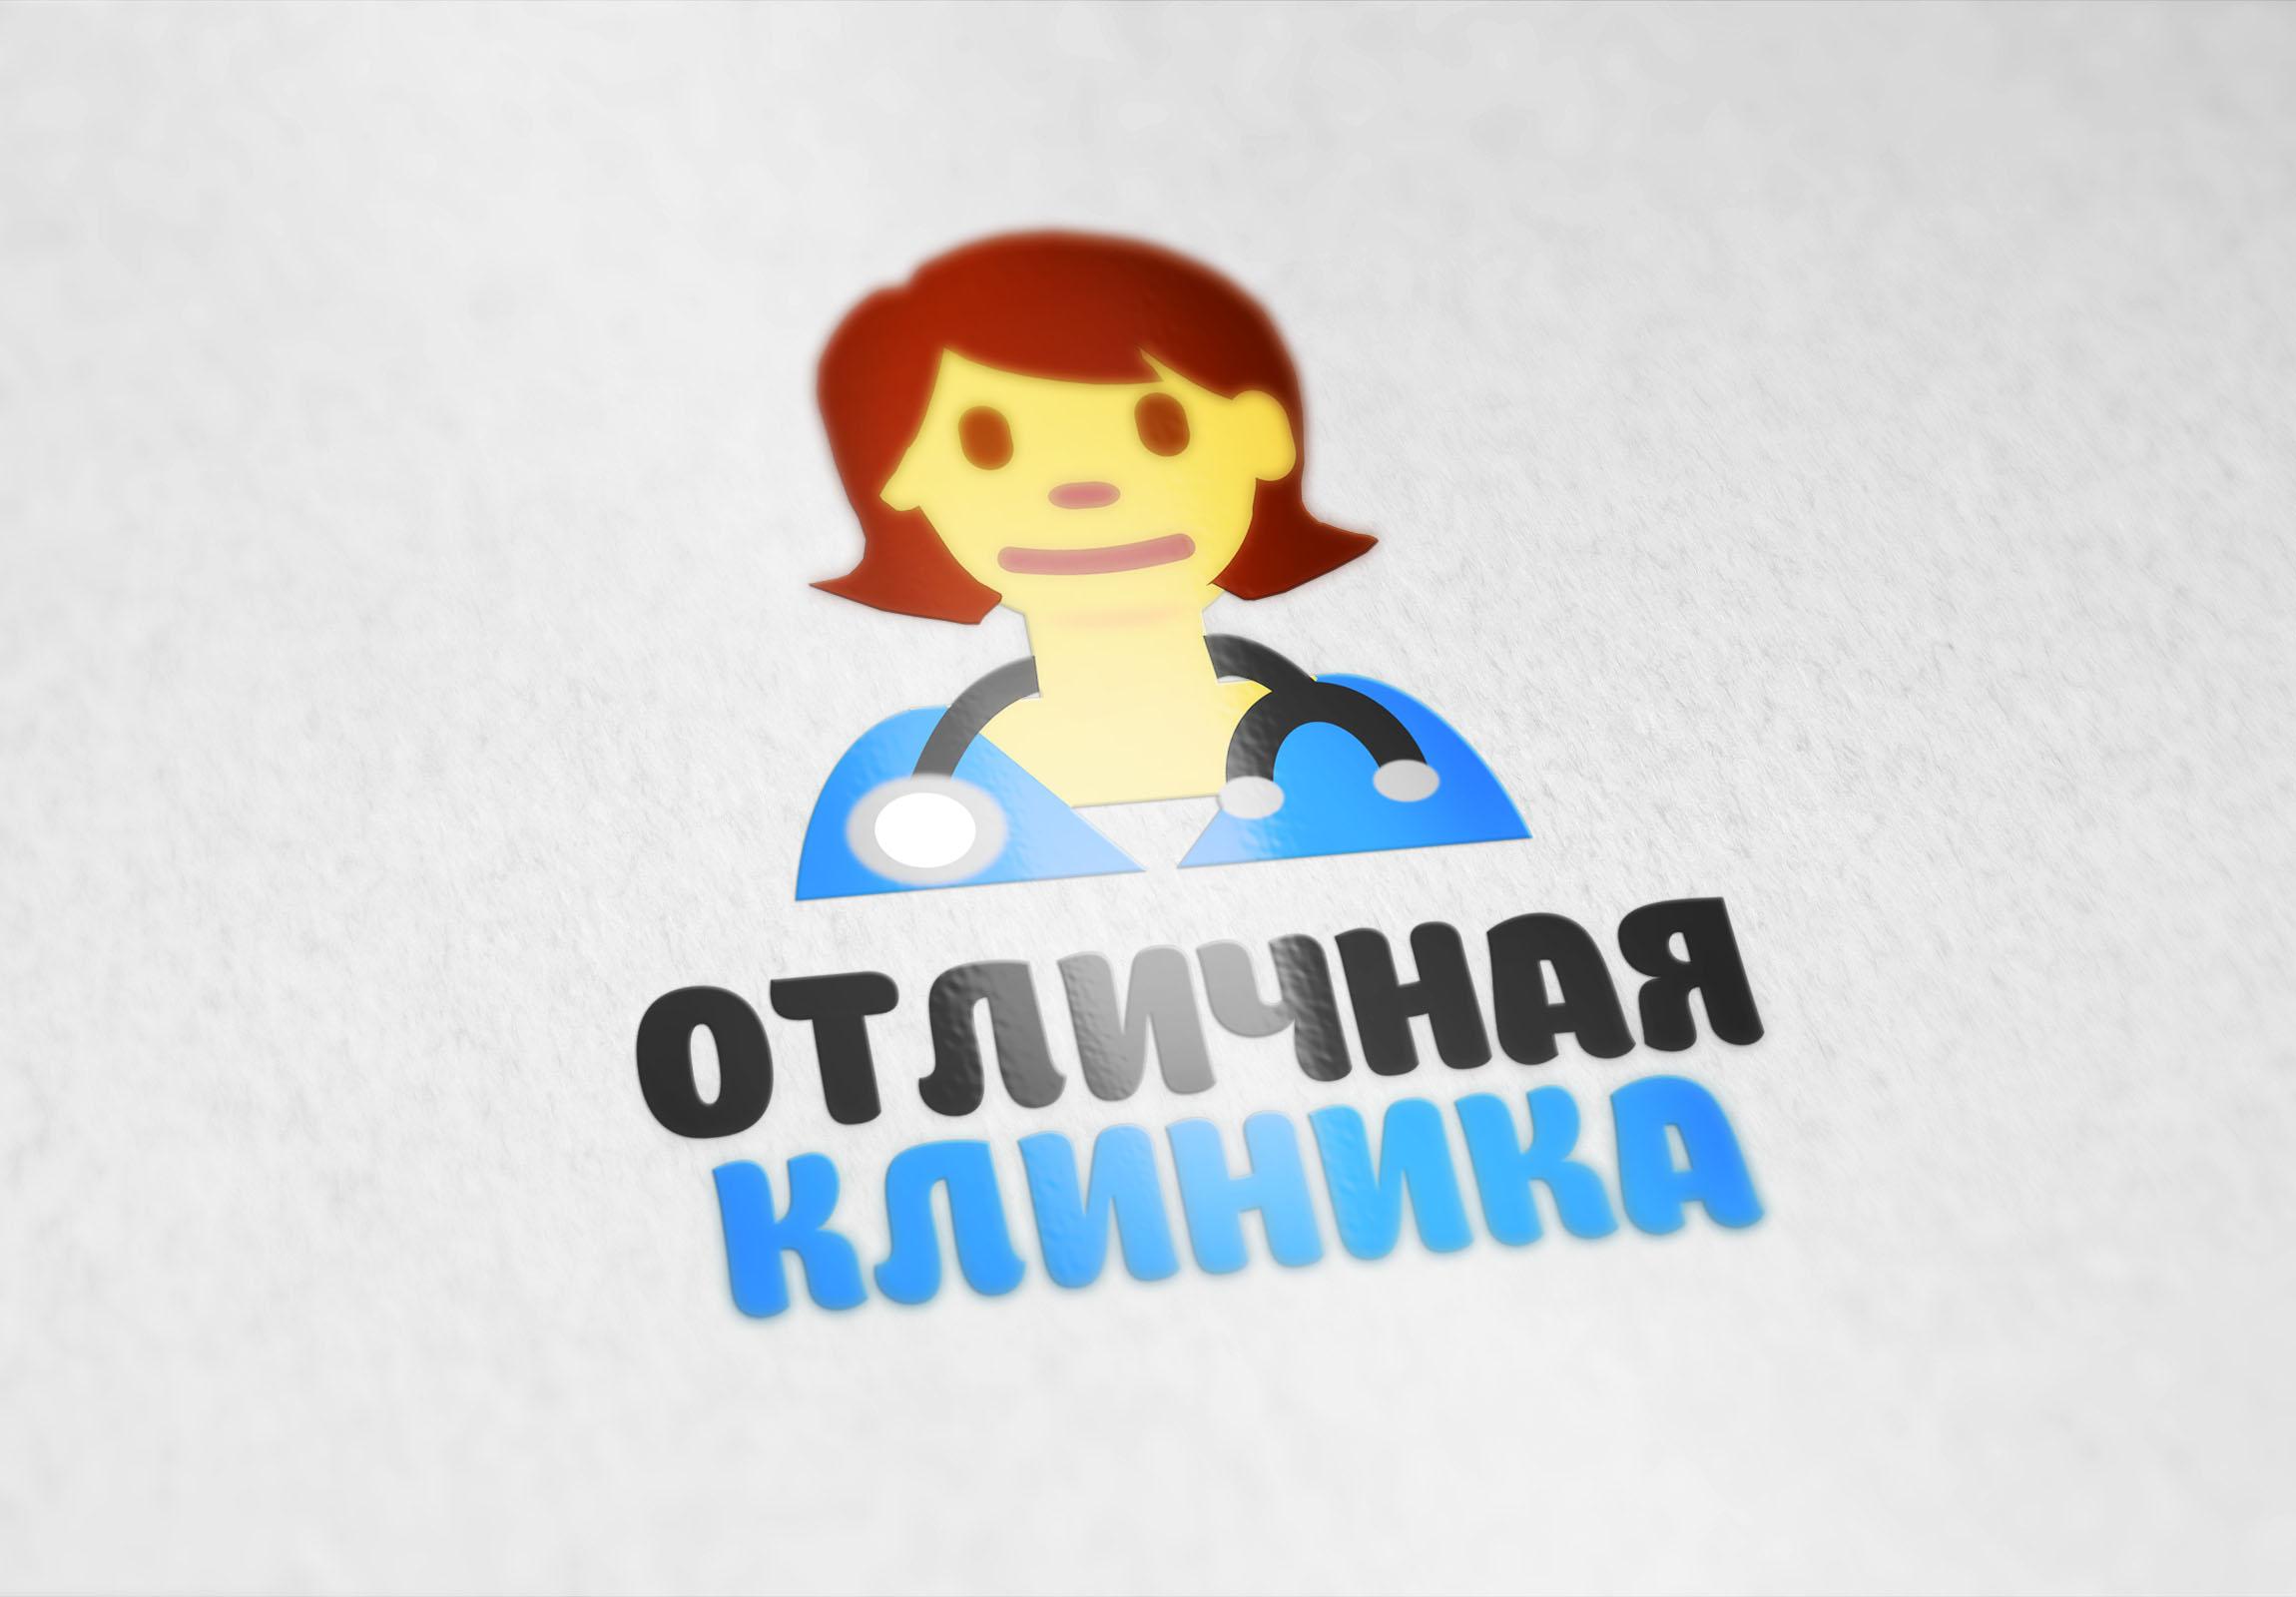 Логотип и фирменный стиль частной клиники фото f_3555c8fbd909829f.jpg